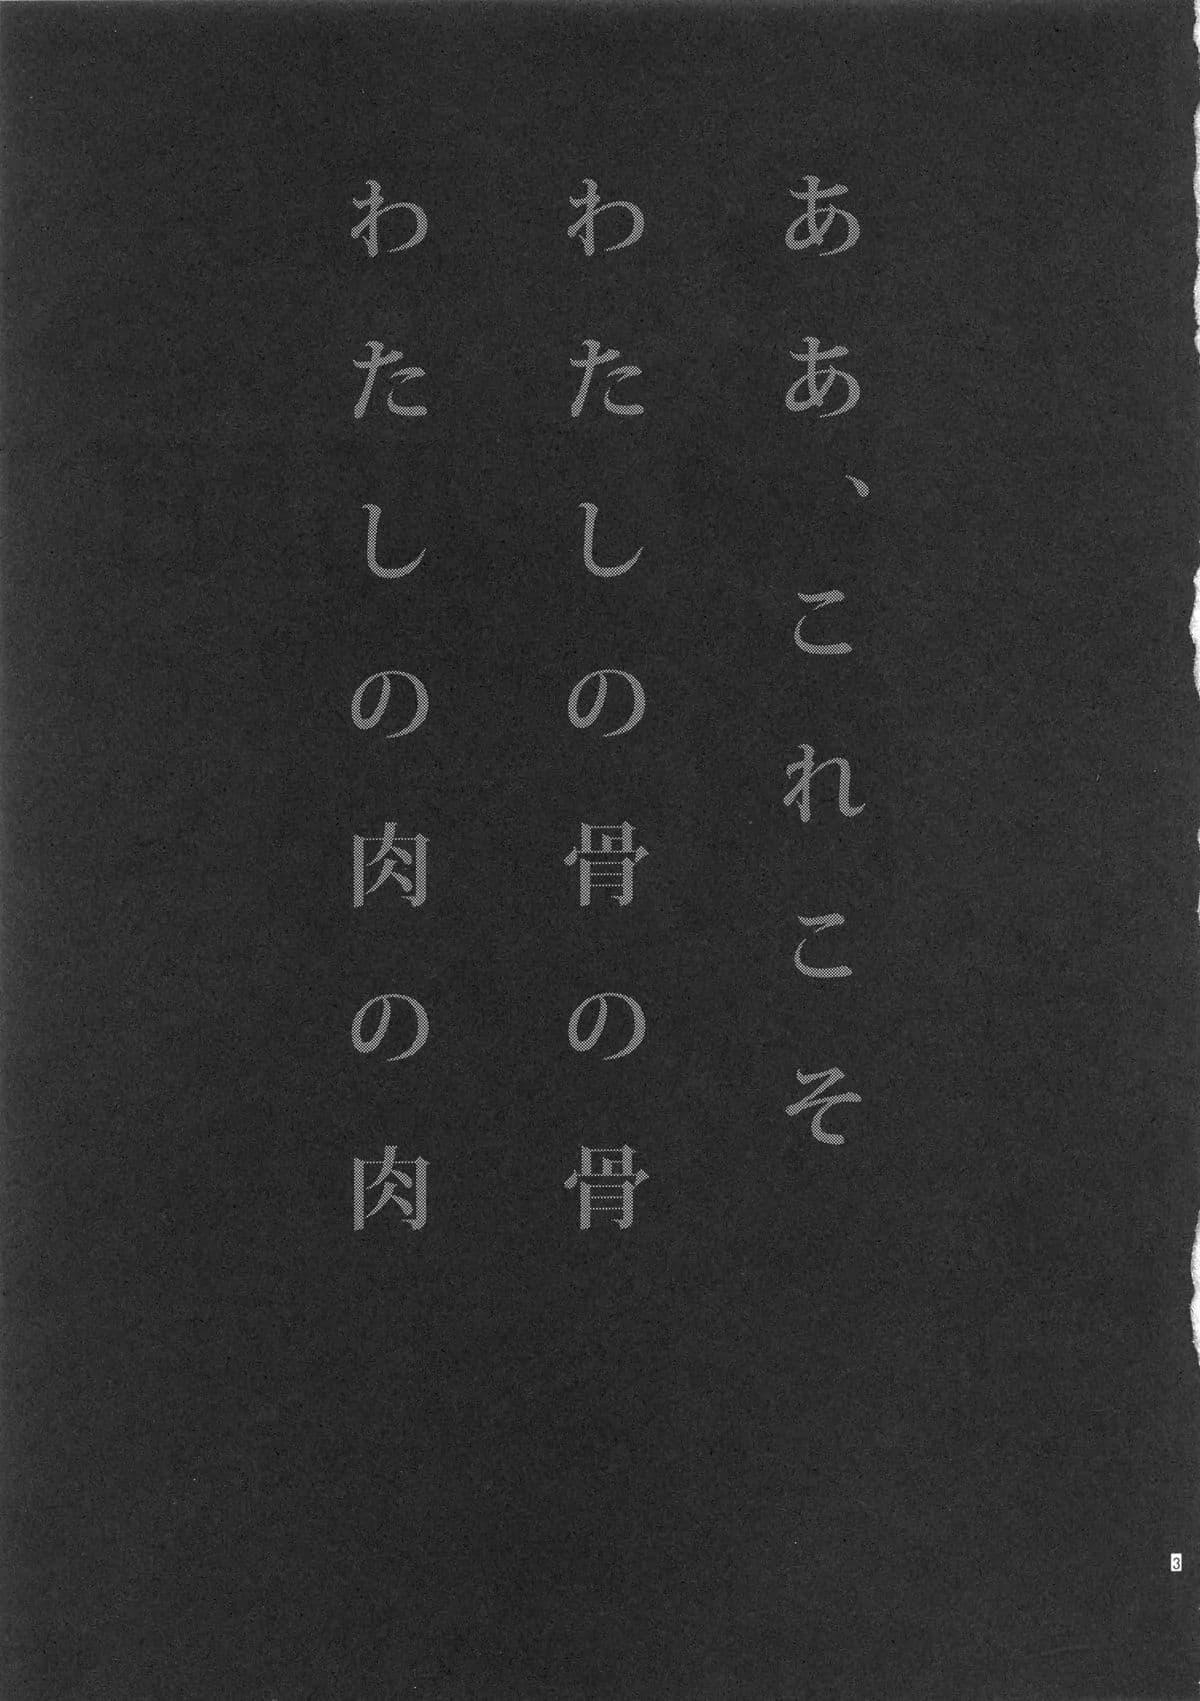 อ่านการ์ตูน (C83) [Ikujinashi no Fetishist] Eros&Agape (Fate hollow ataraxia) ภาพที่ 2